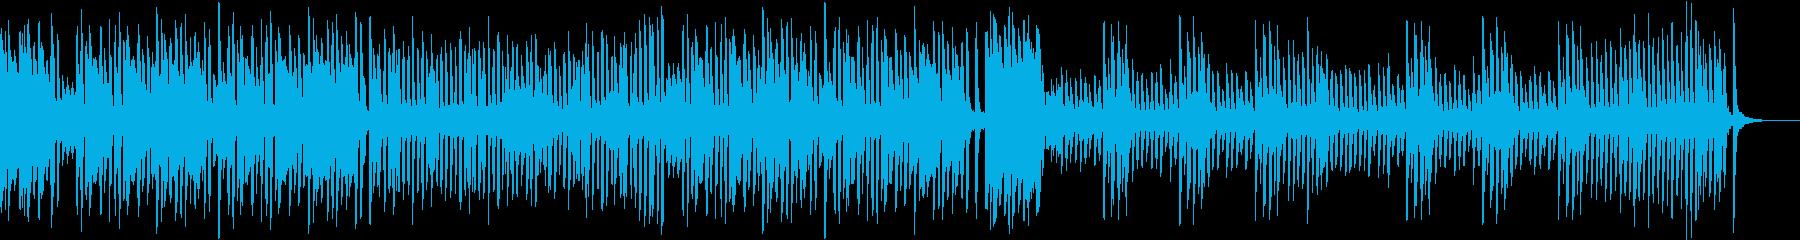 ラグタイム/料理/日常/楽しい/ピアノの再生済みの波形